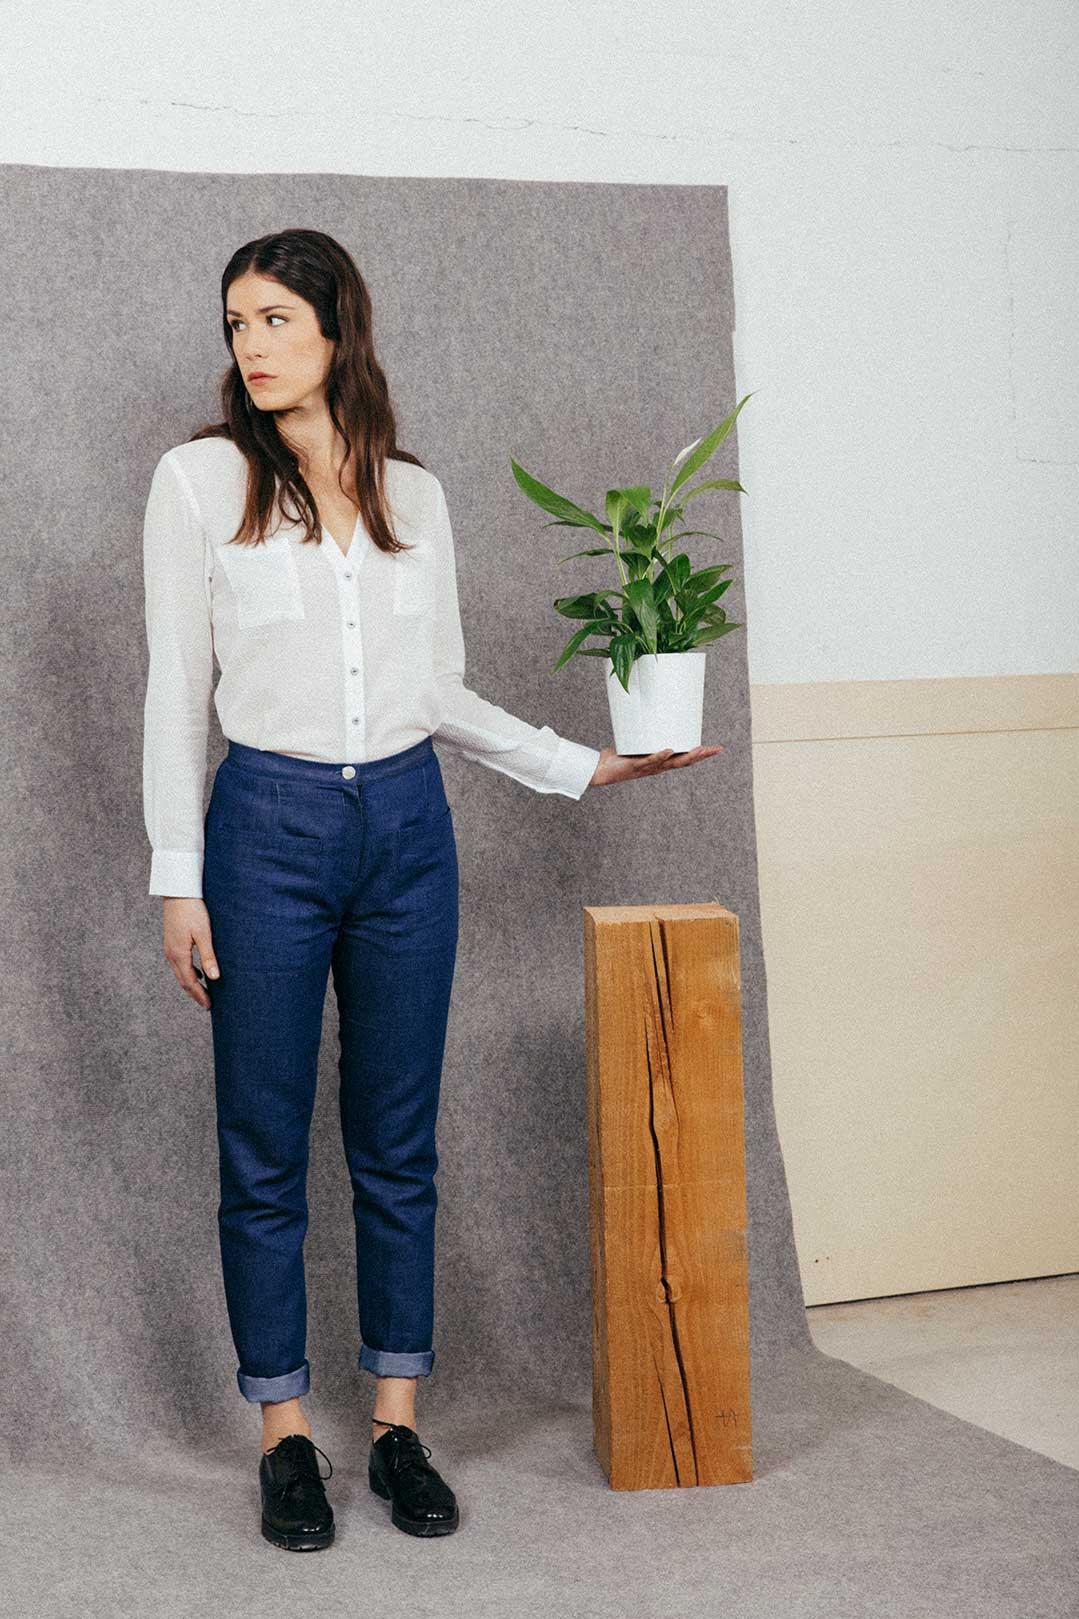 Atode chemisier blanc coton ecoresponsable femme porte sur mannequin femme